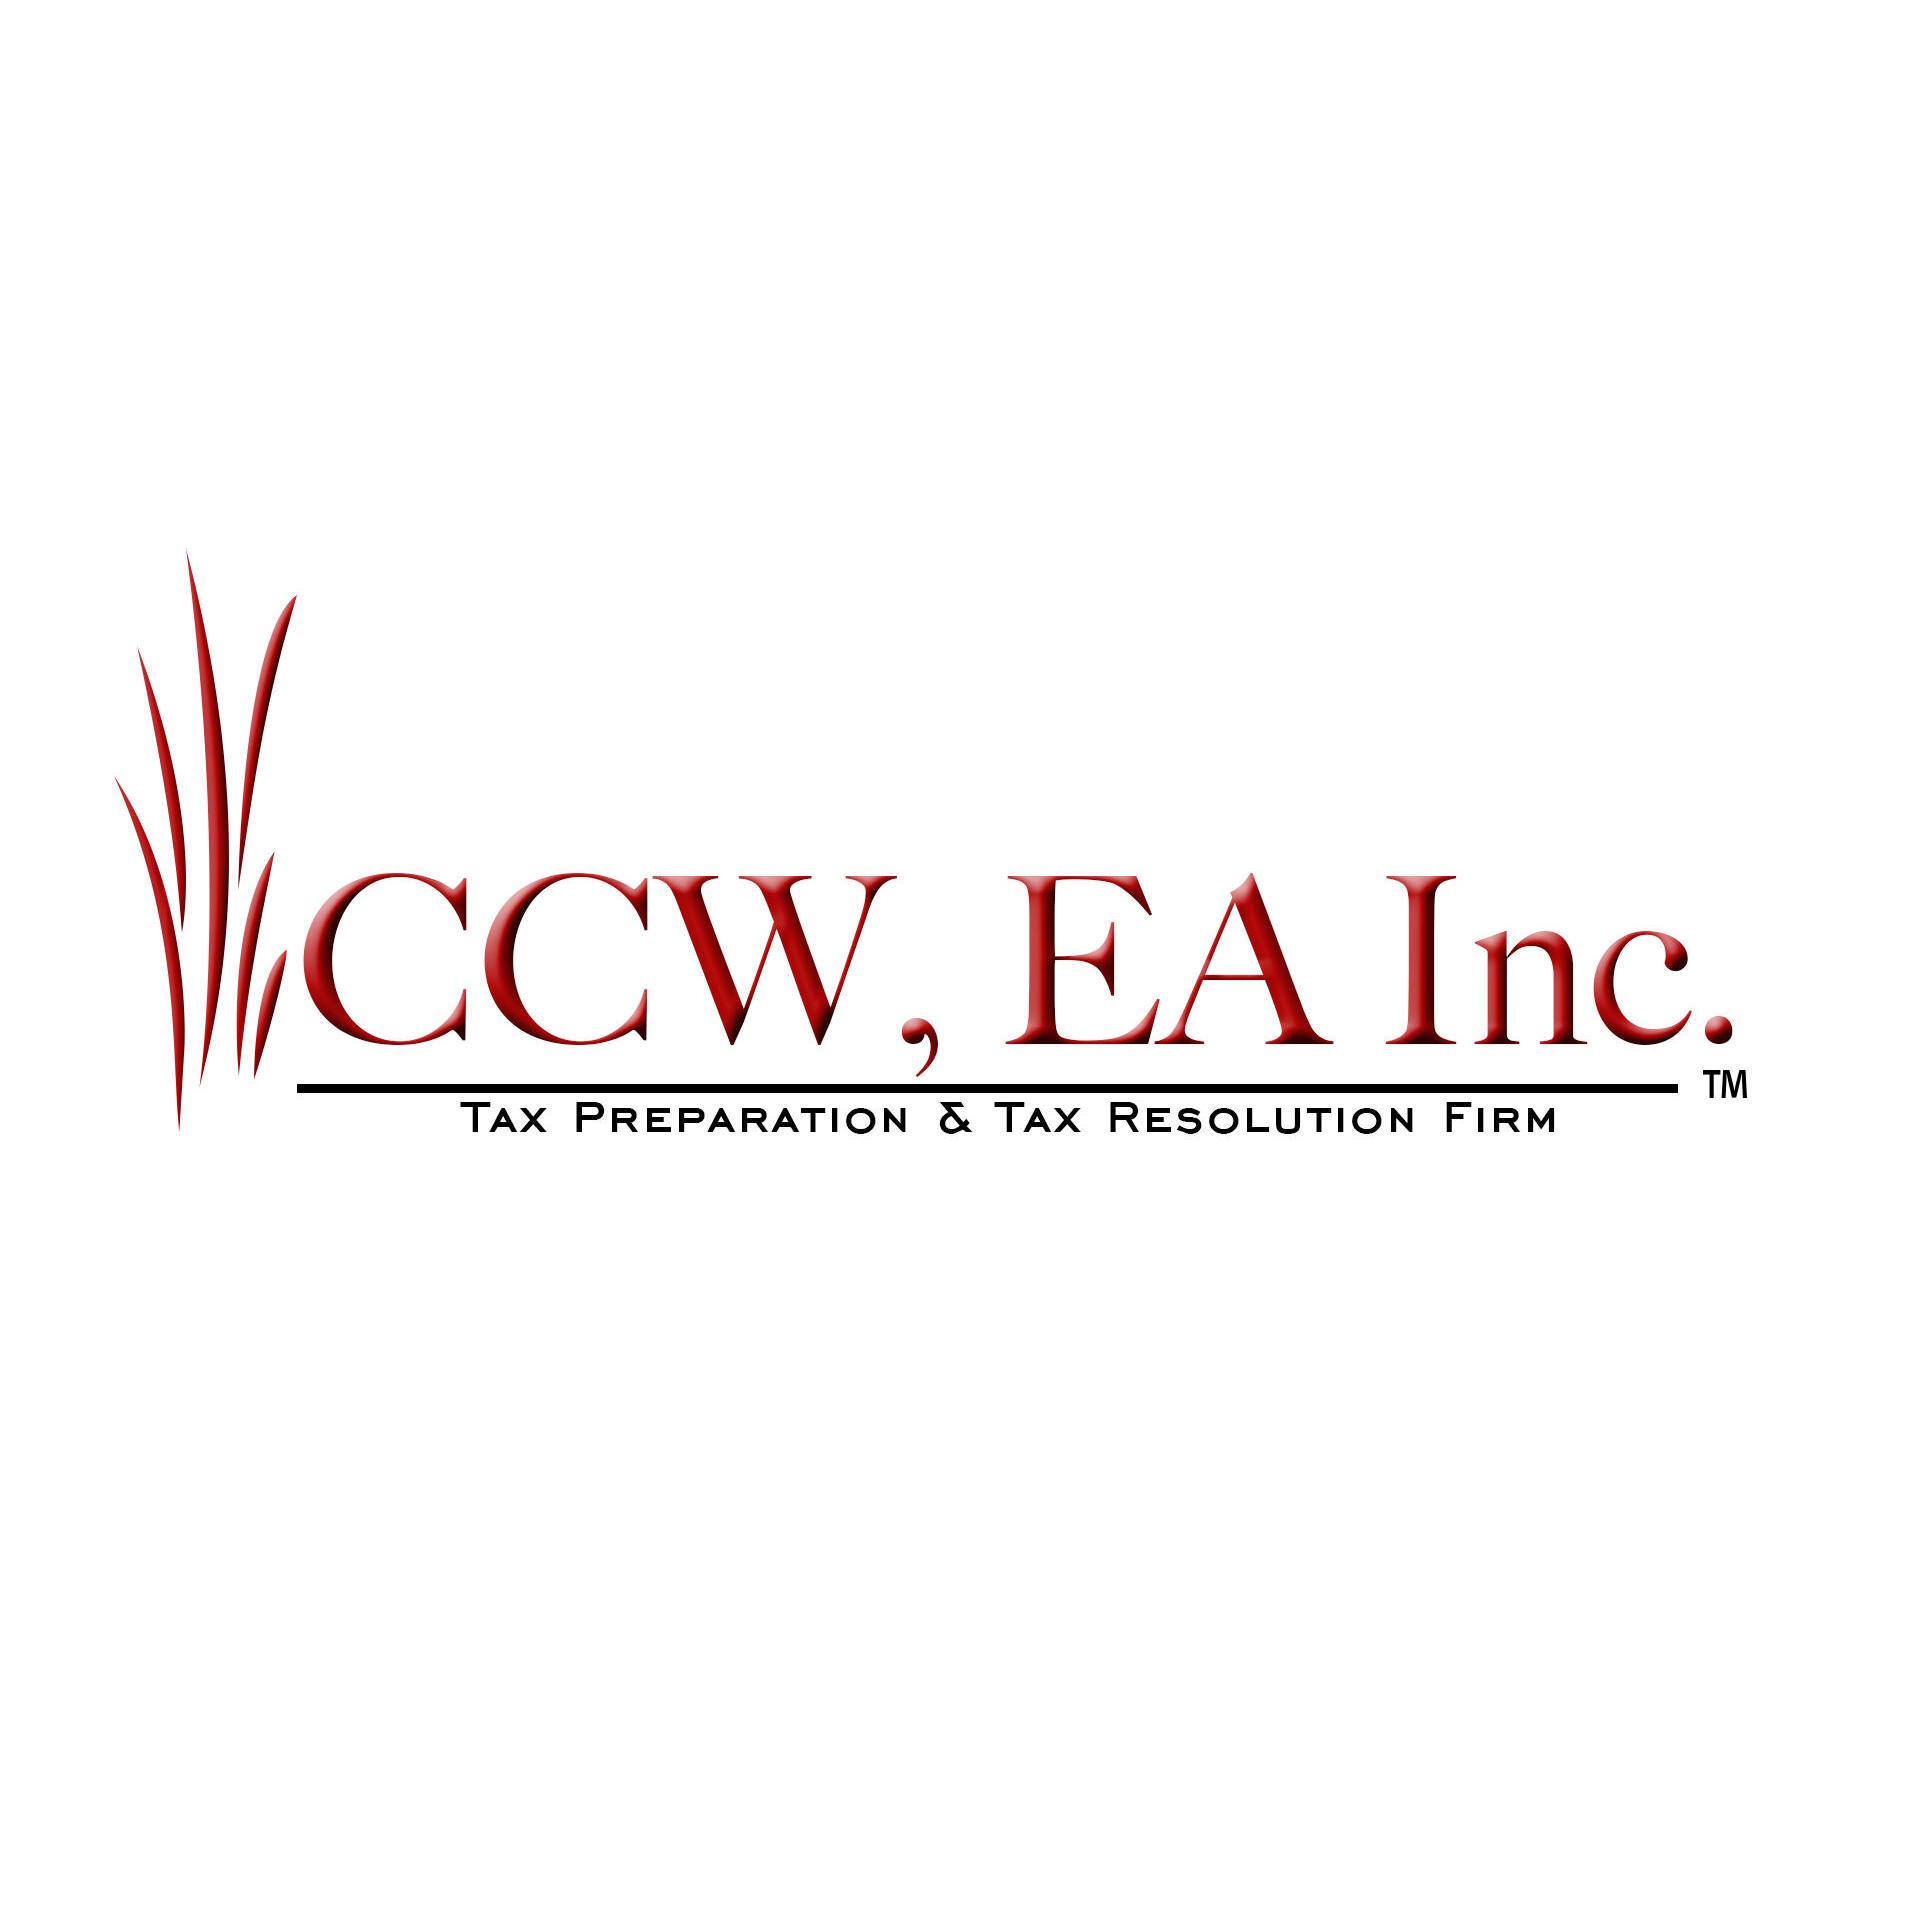 CCW, EA Inc.